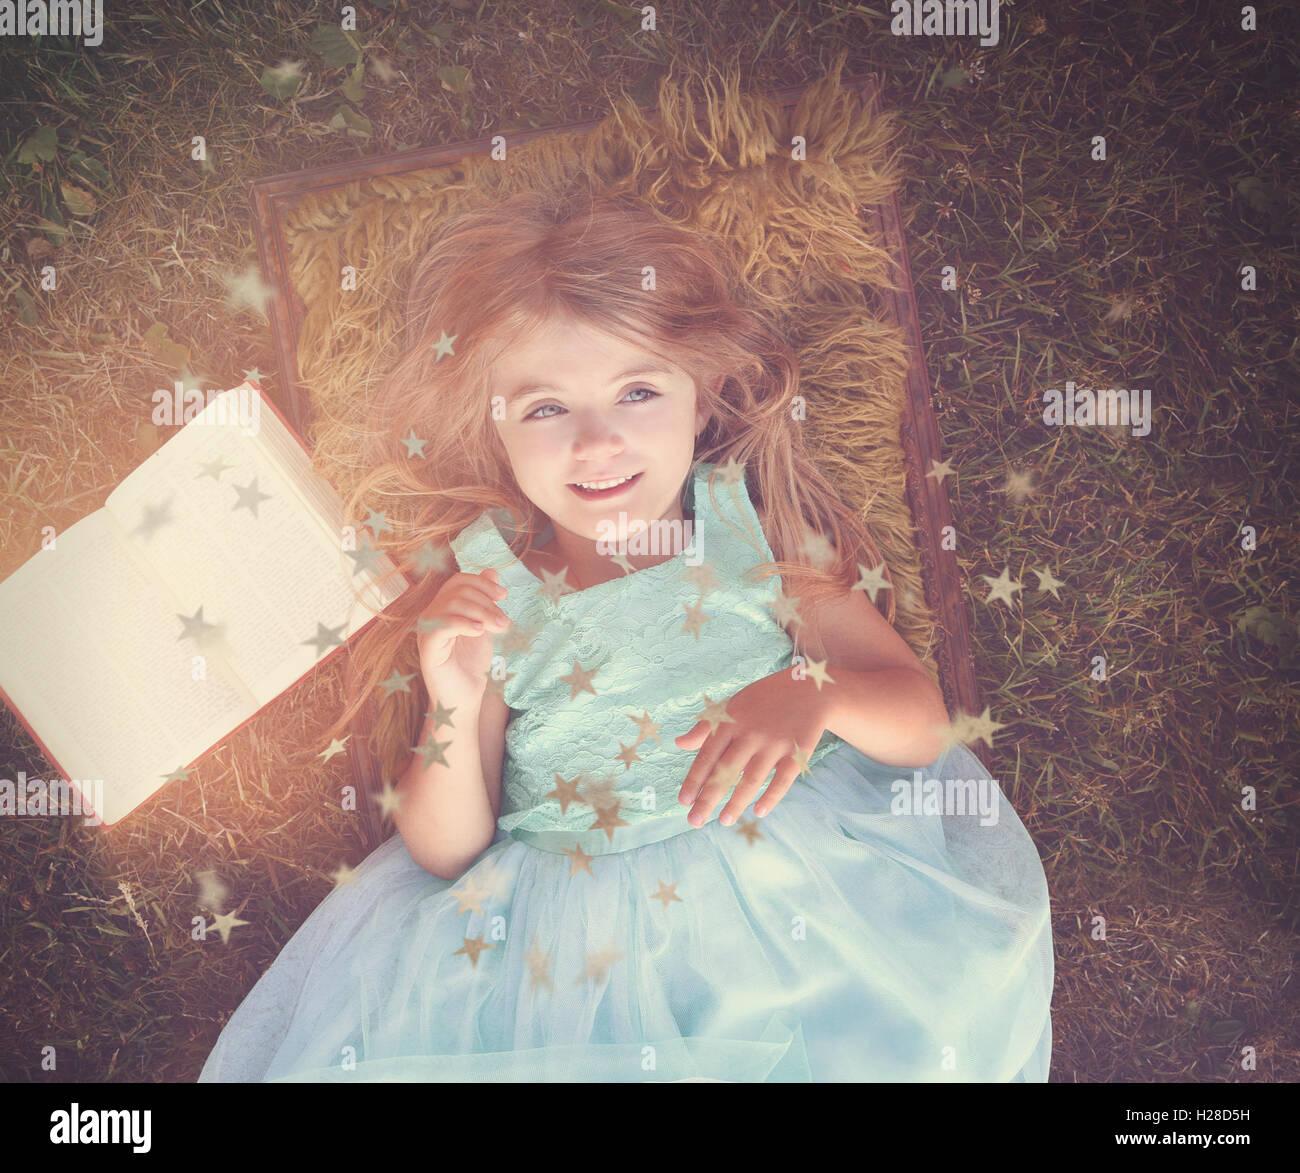 Un felice e graziosa fanciulla si posa sull'erba al di fuori di un libro di storia per un mistero, fantasia Immagini Stock